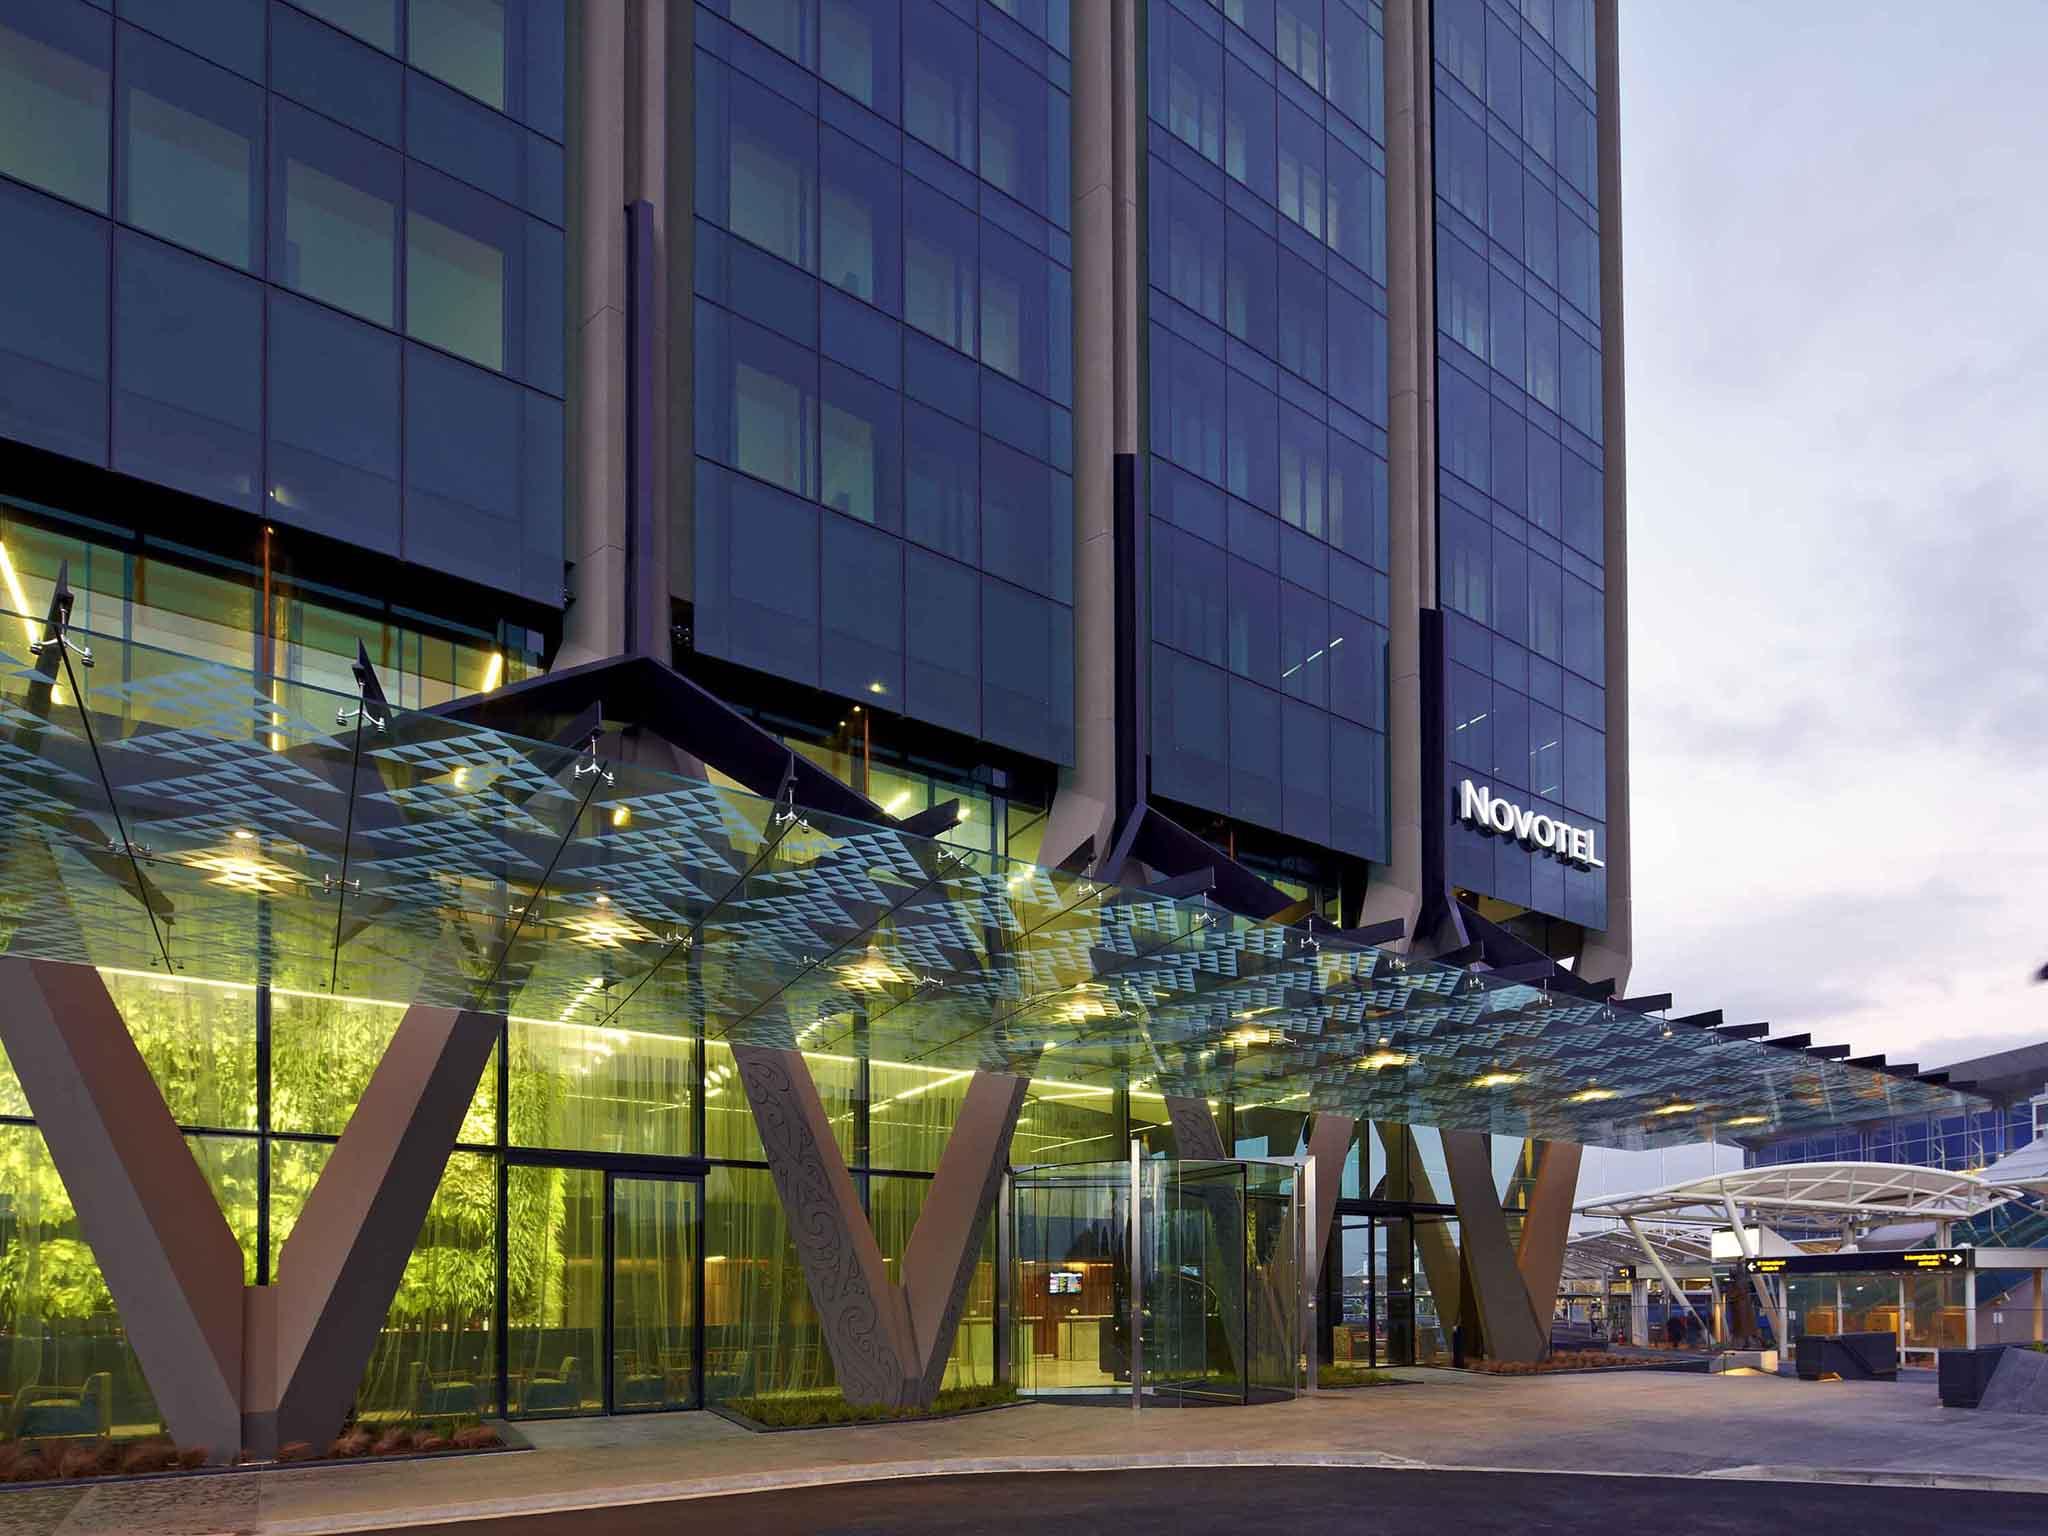 auckland nz hotels